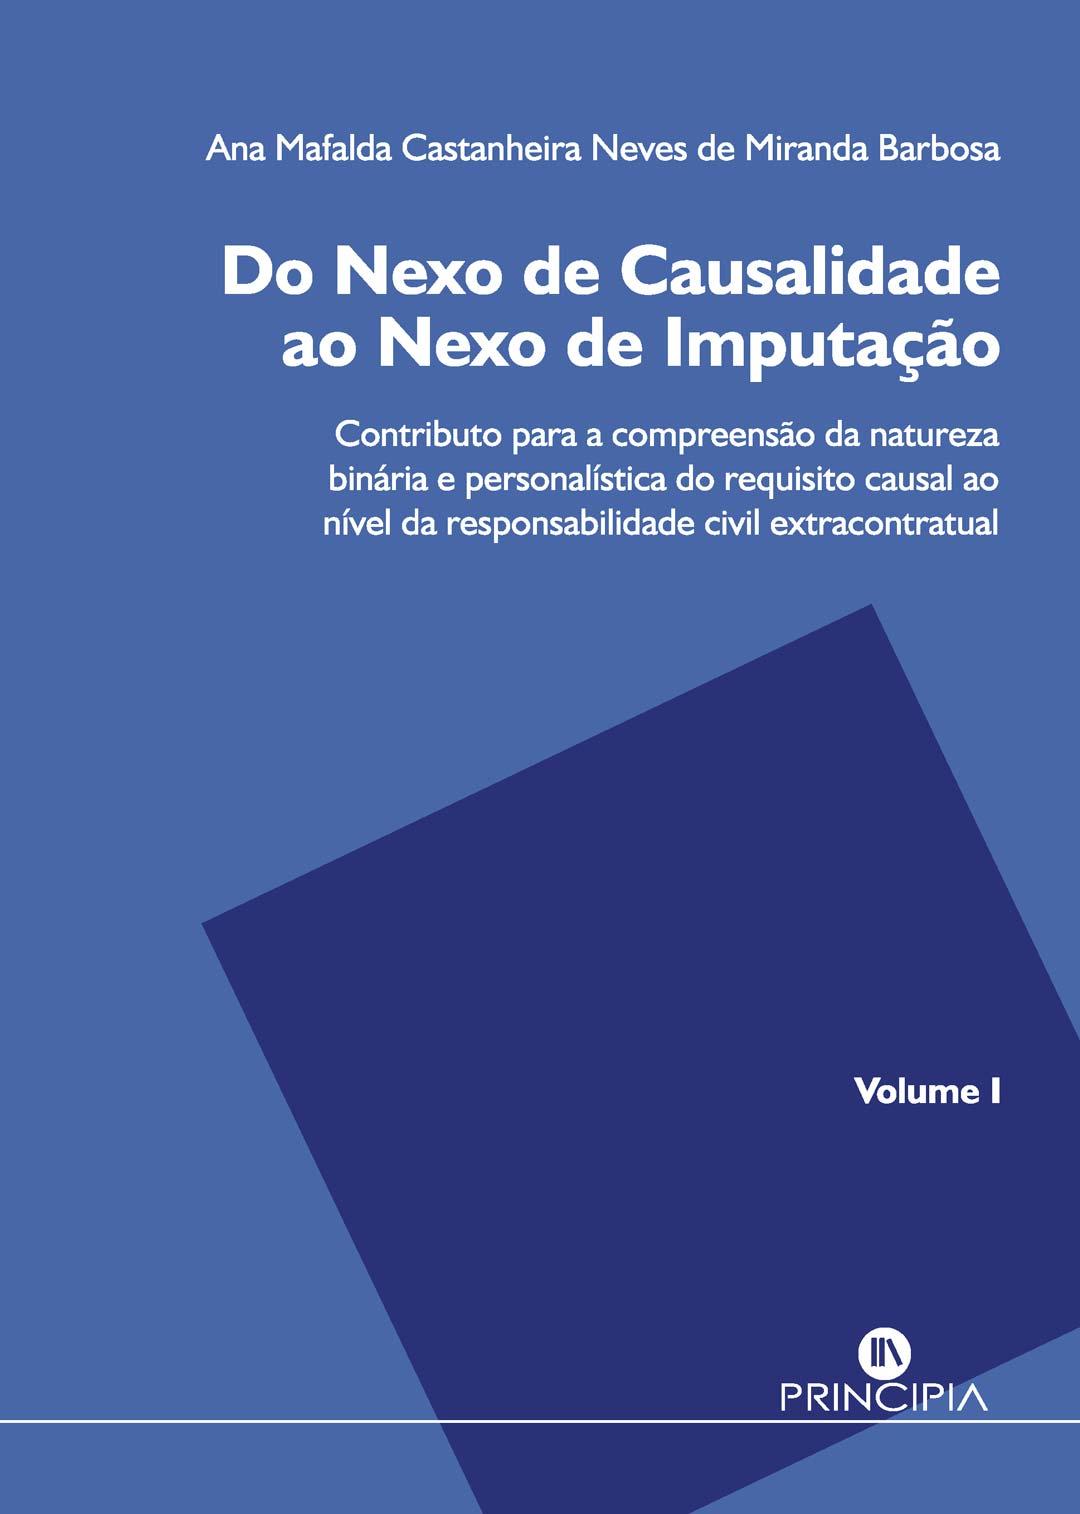 Do Nexo de Causalidade ao Nexo de Imputação - 2 volumes